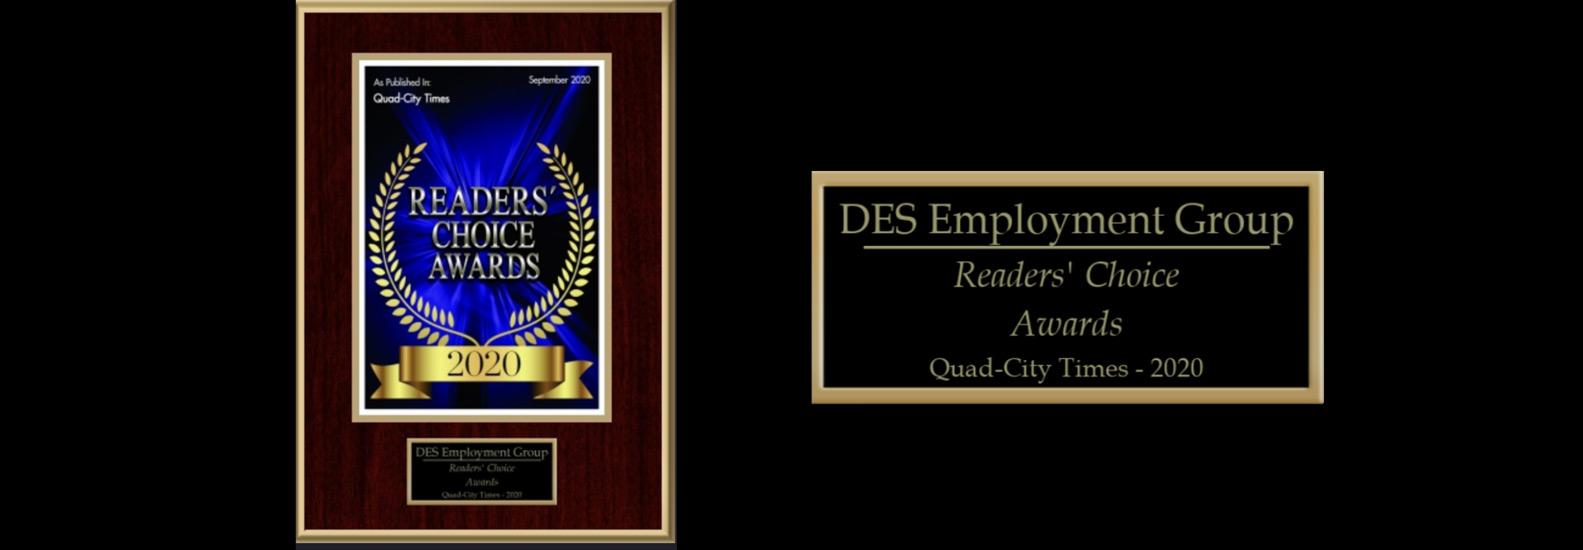 des-employeement-group-slider4